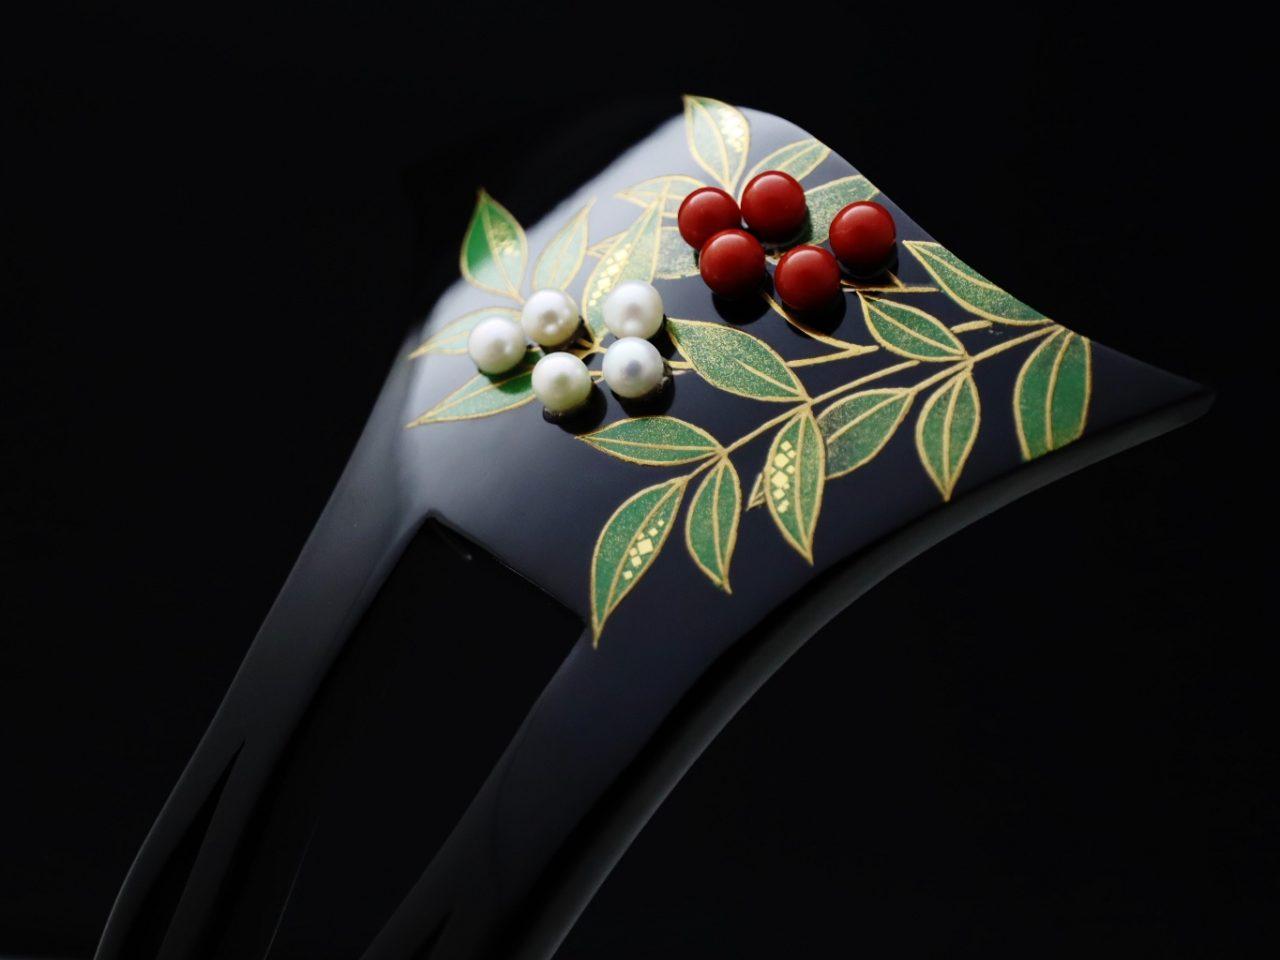 結婚式、おめでたい式典などにお勧めな縁起物のべっ甲南天雀金蒔絵かんざし2020・①